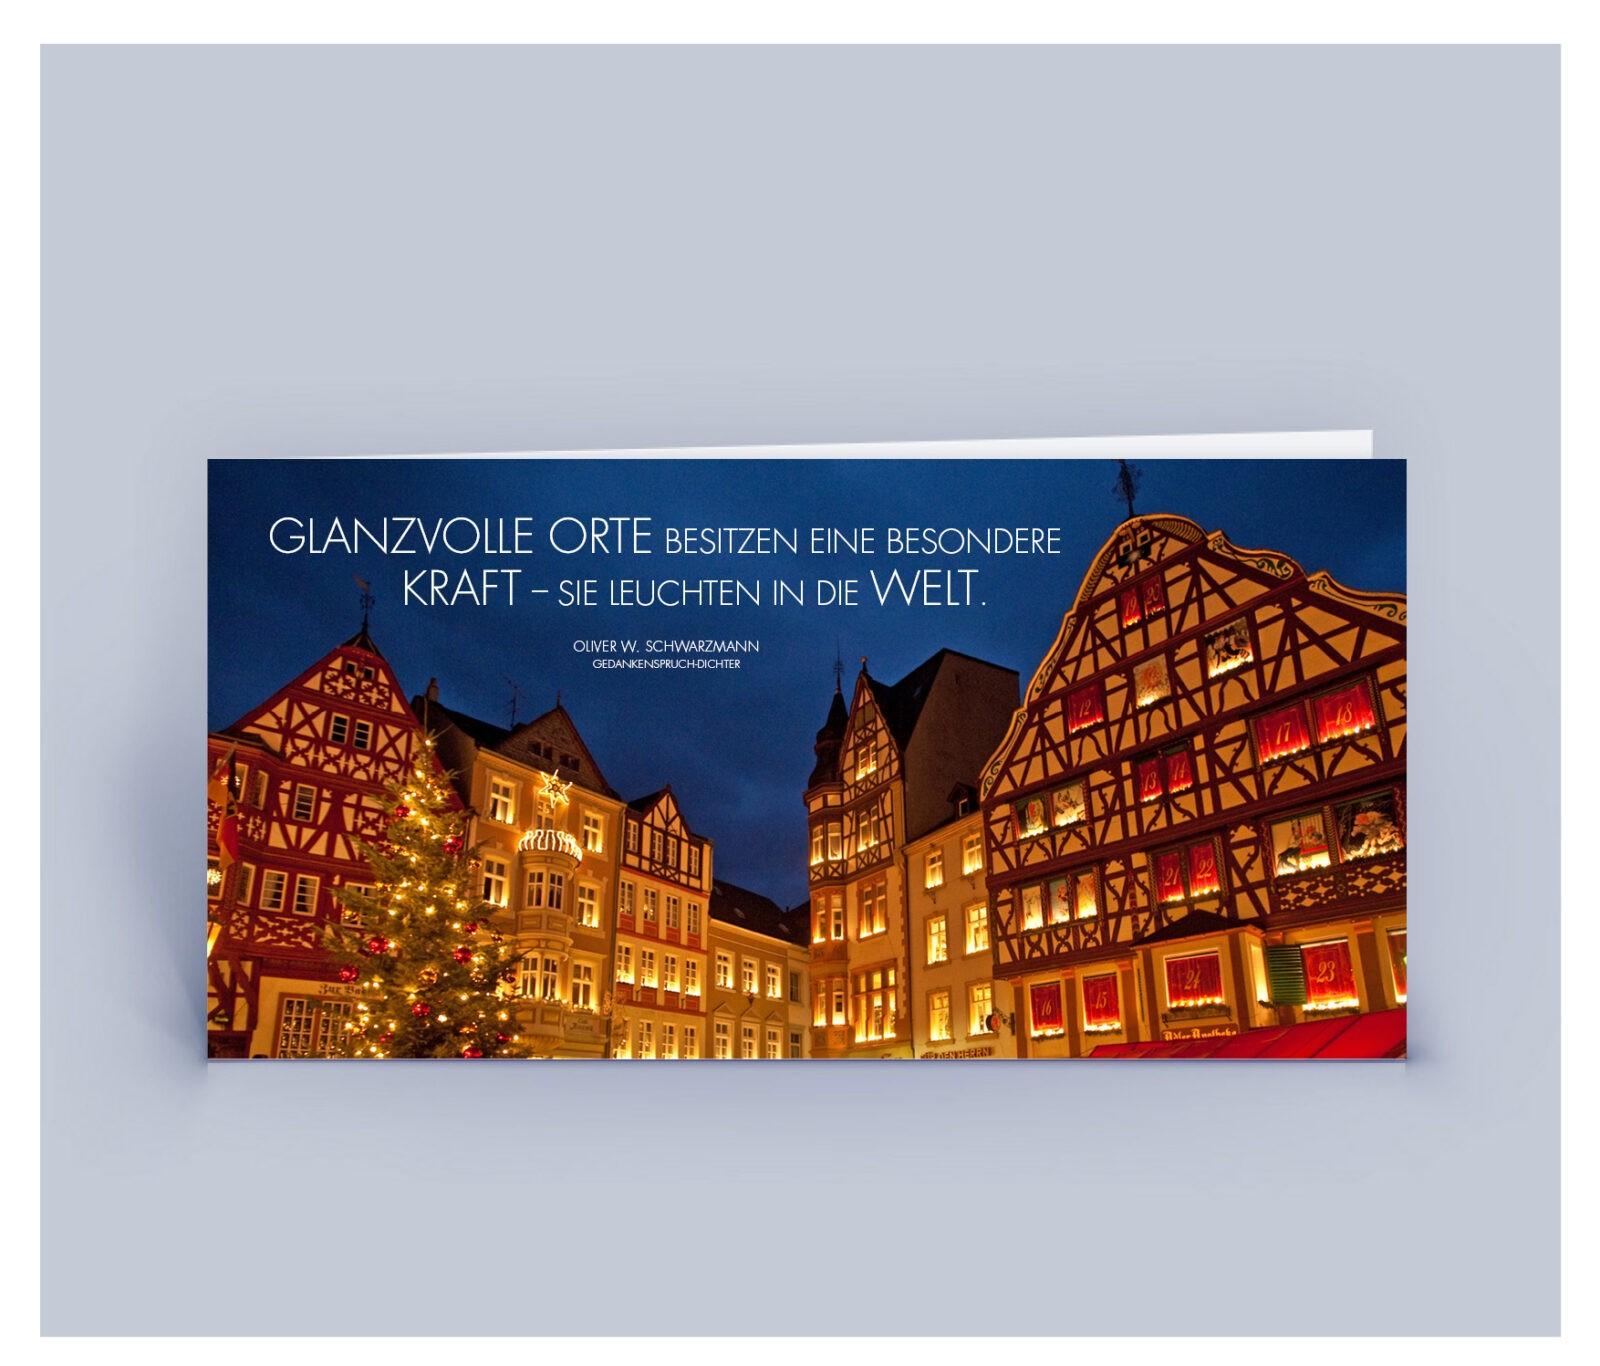 weihnachtsangebote-rheinland-pfalz-tourismus